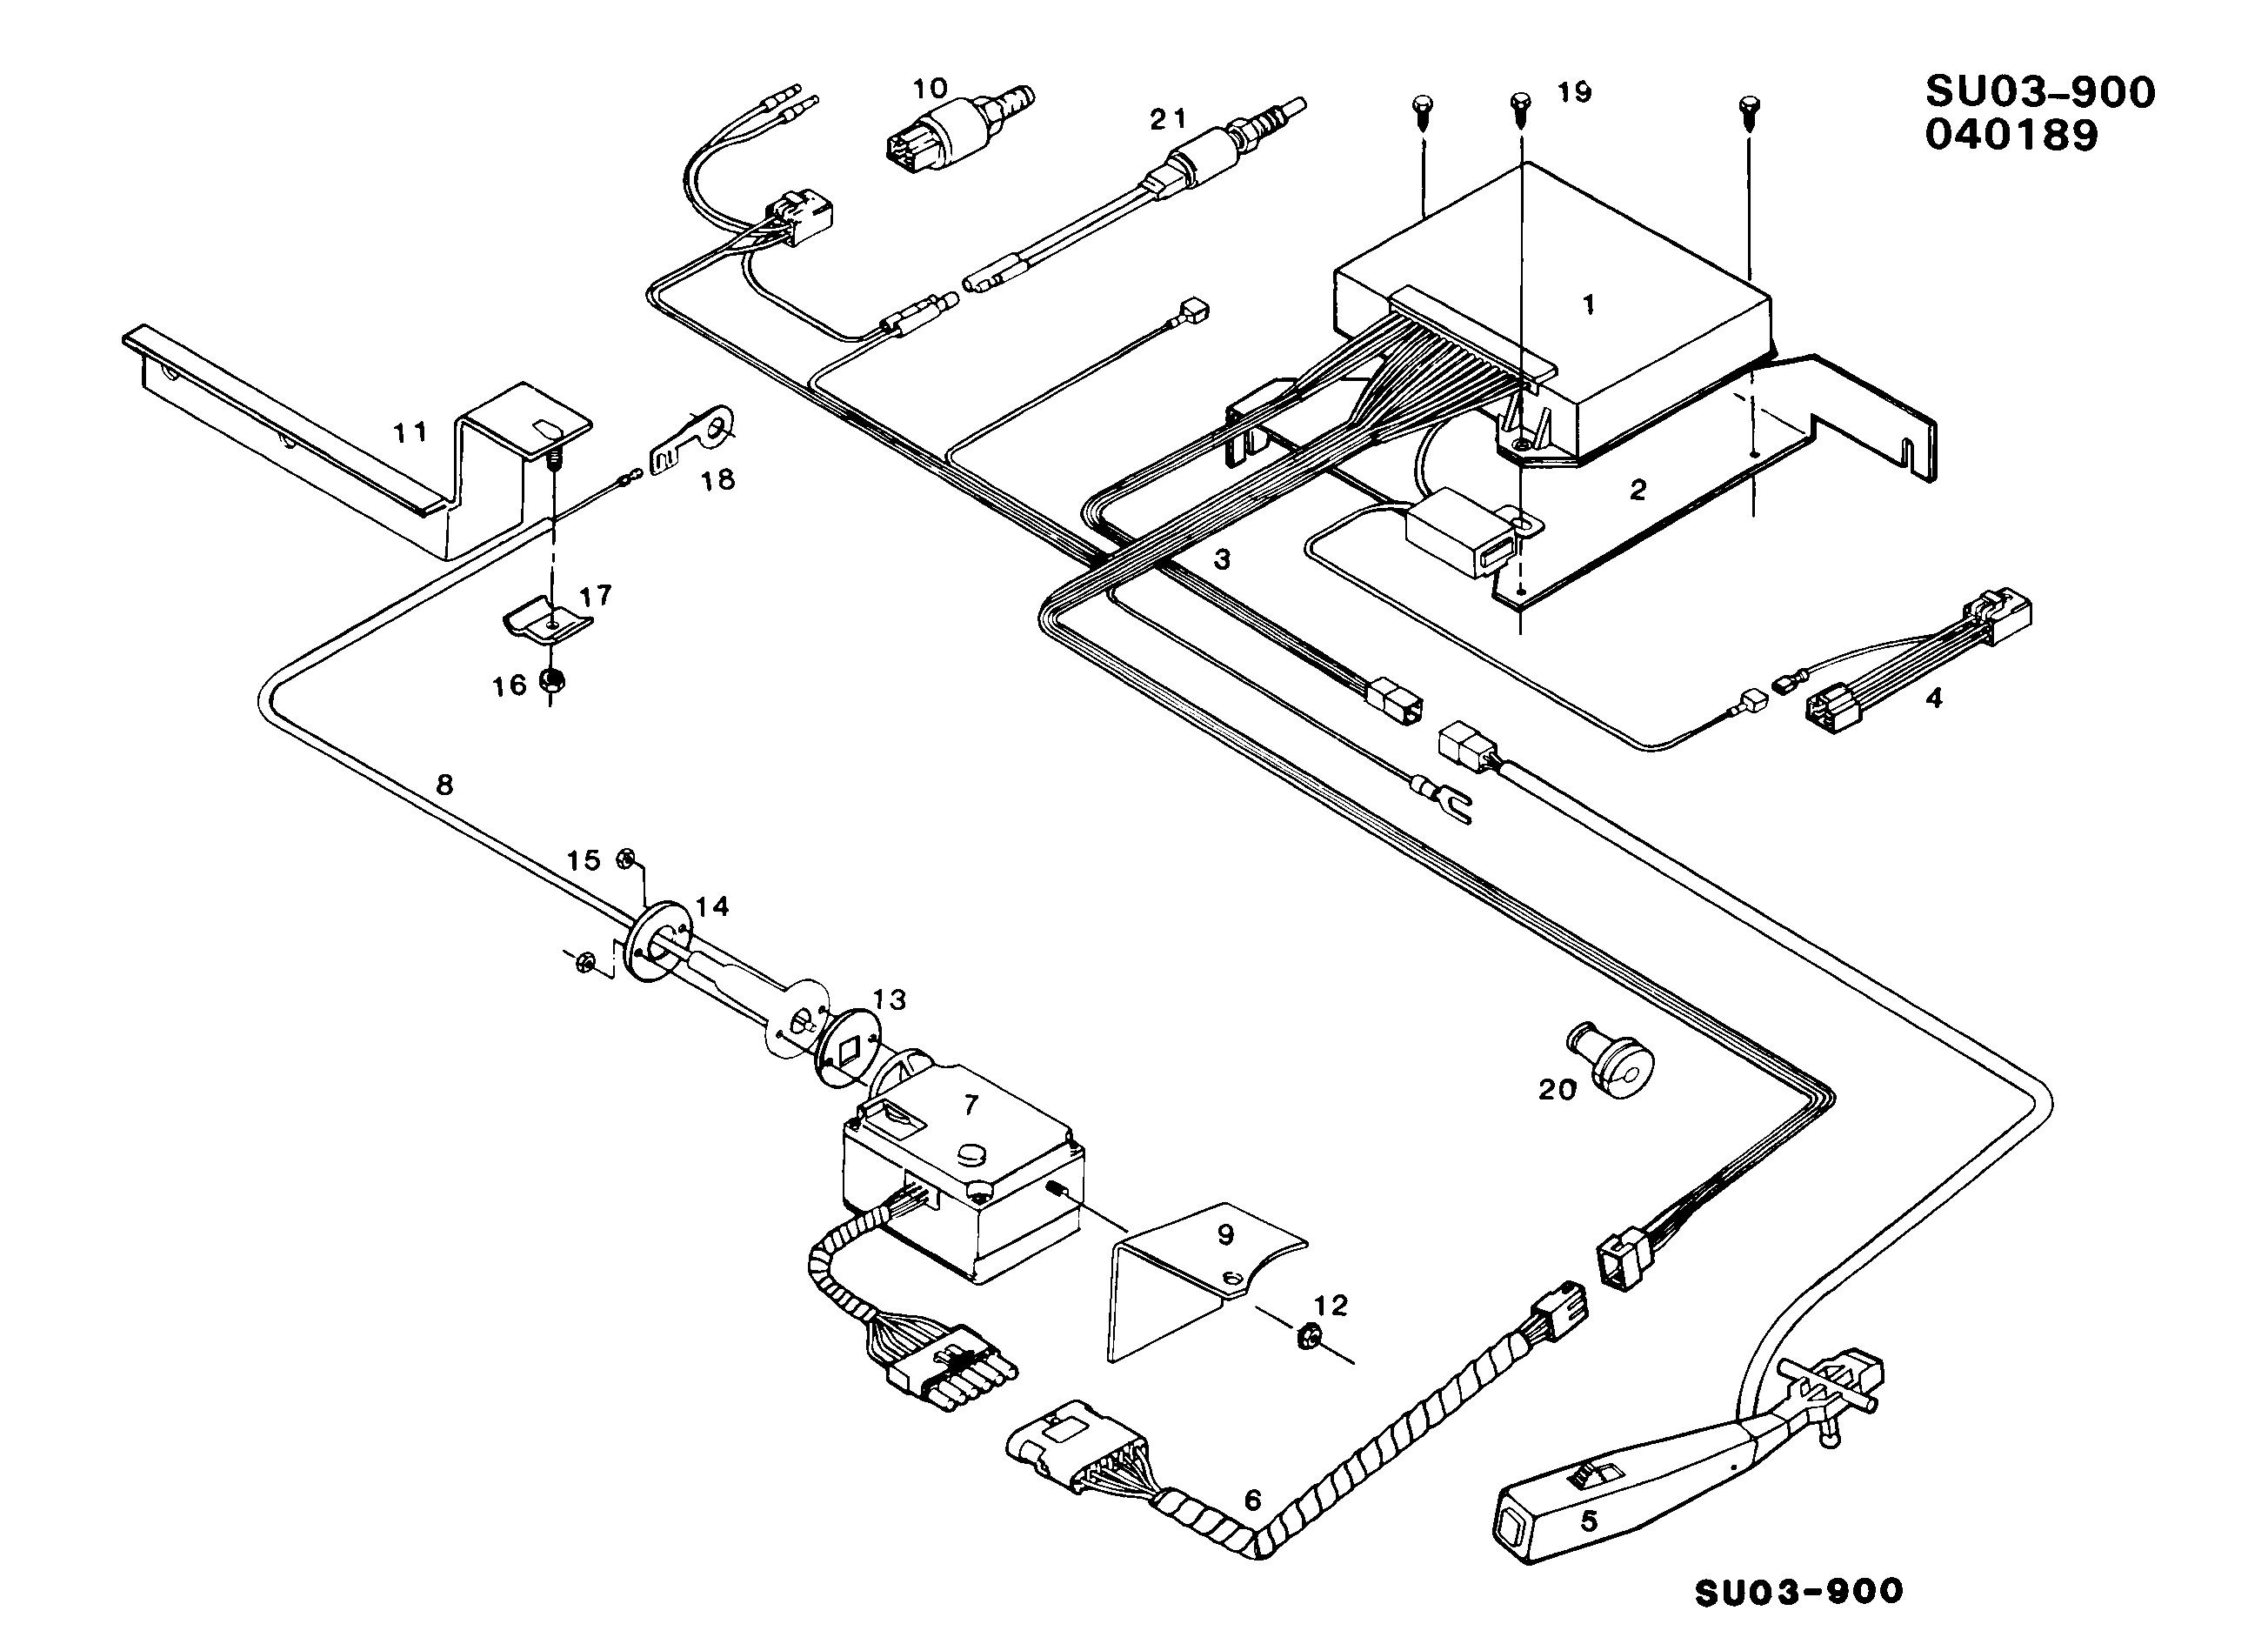 Pontiac Firefly / Spare parts catalog EPC